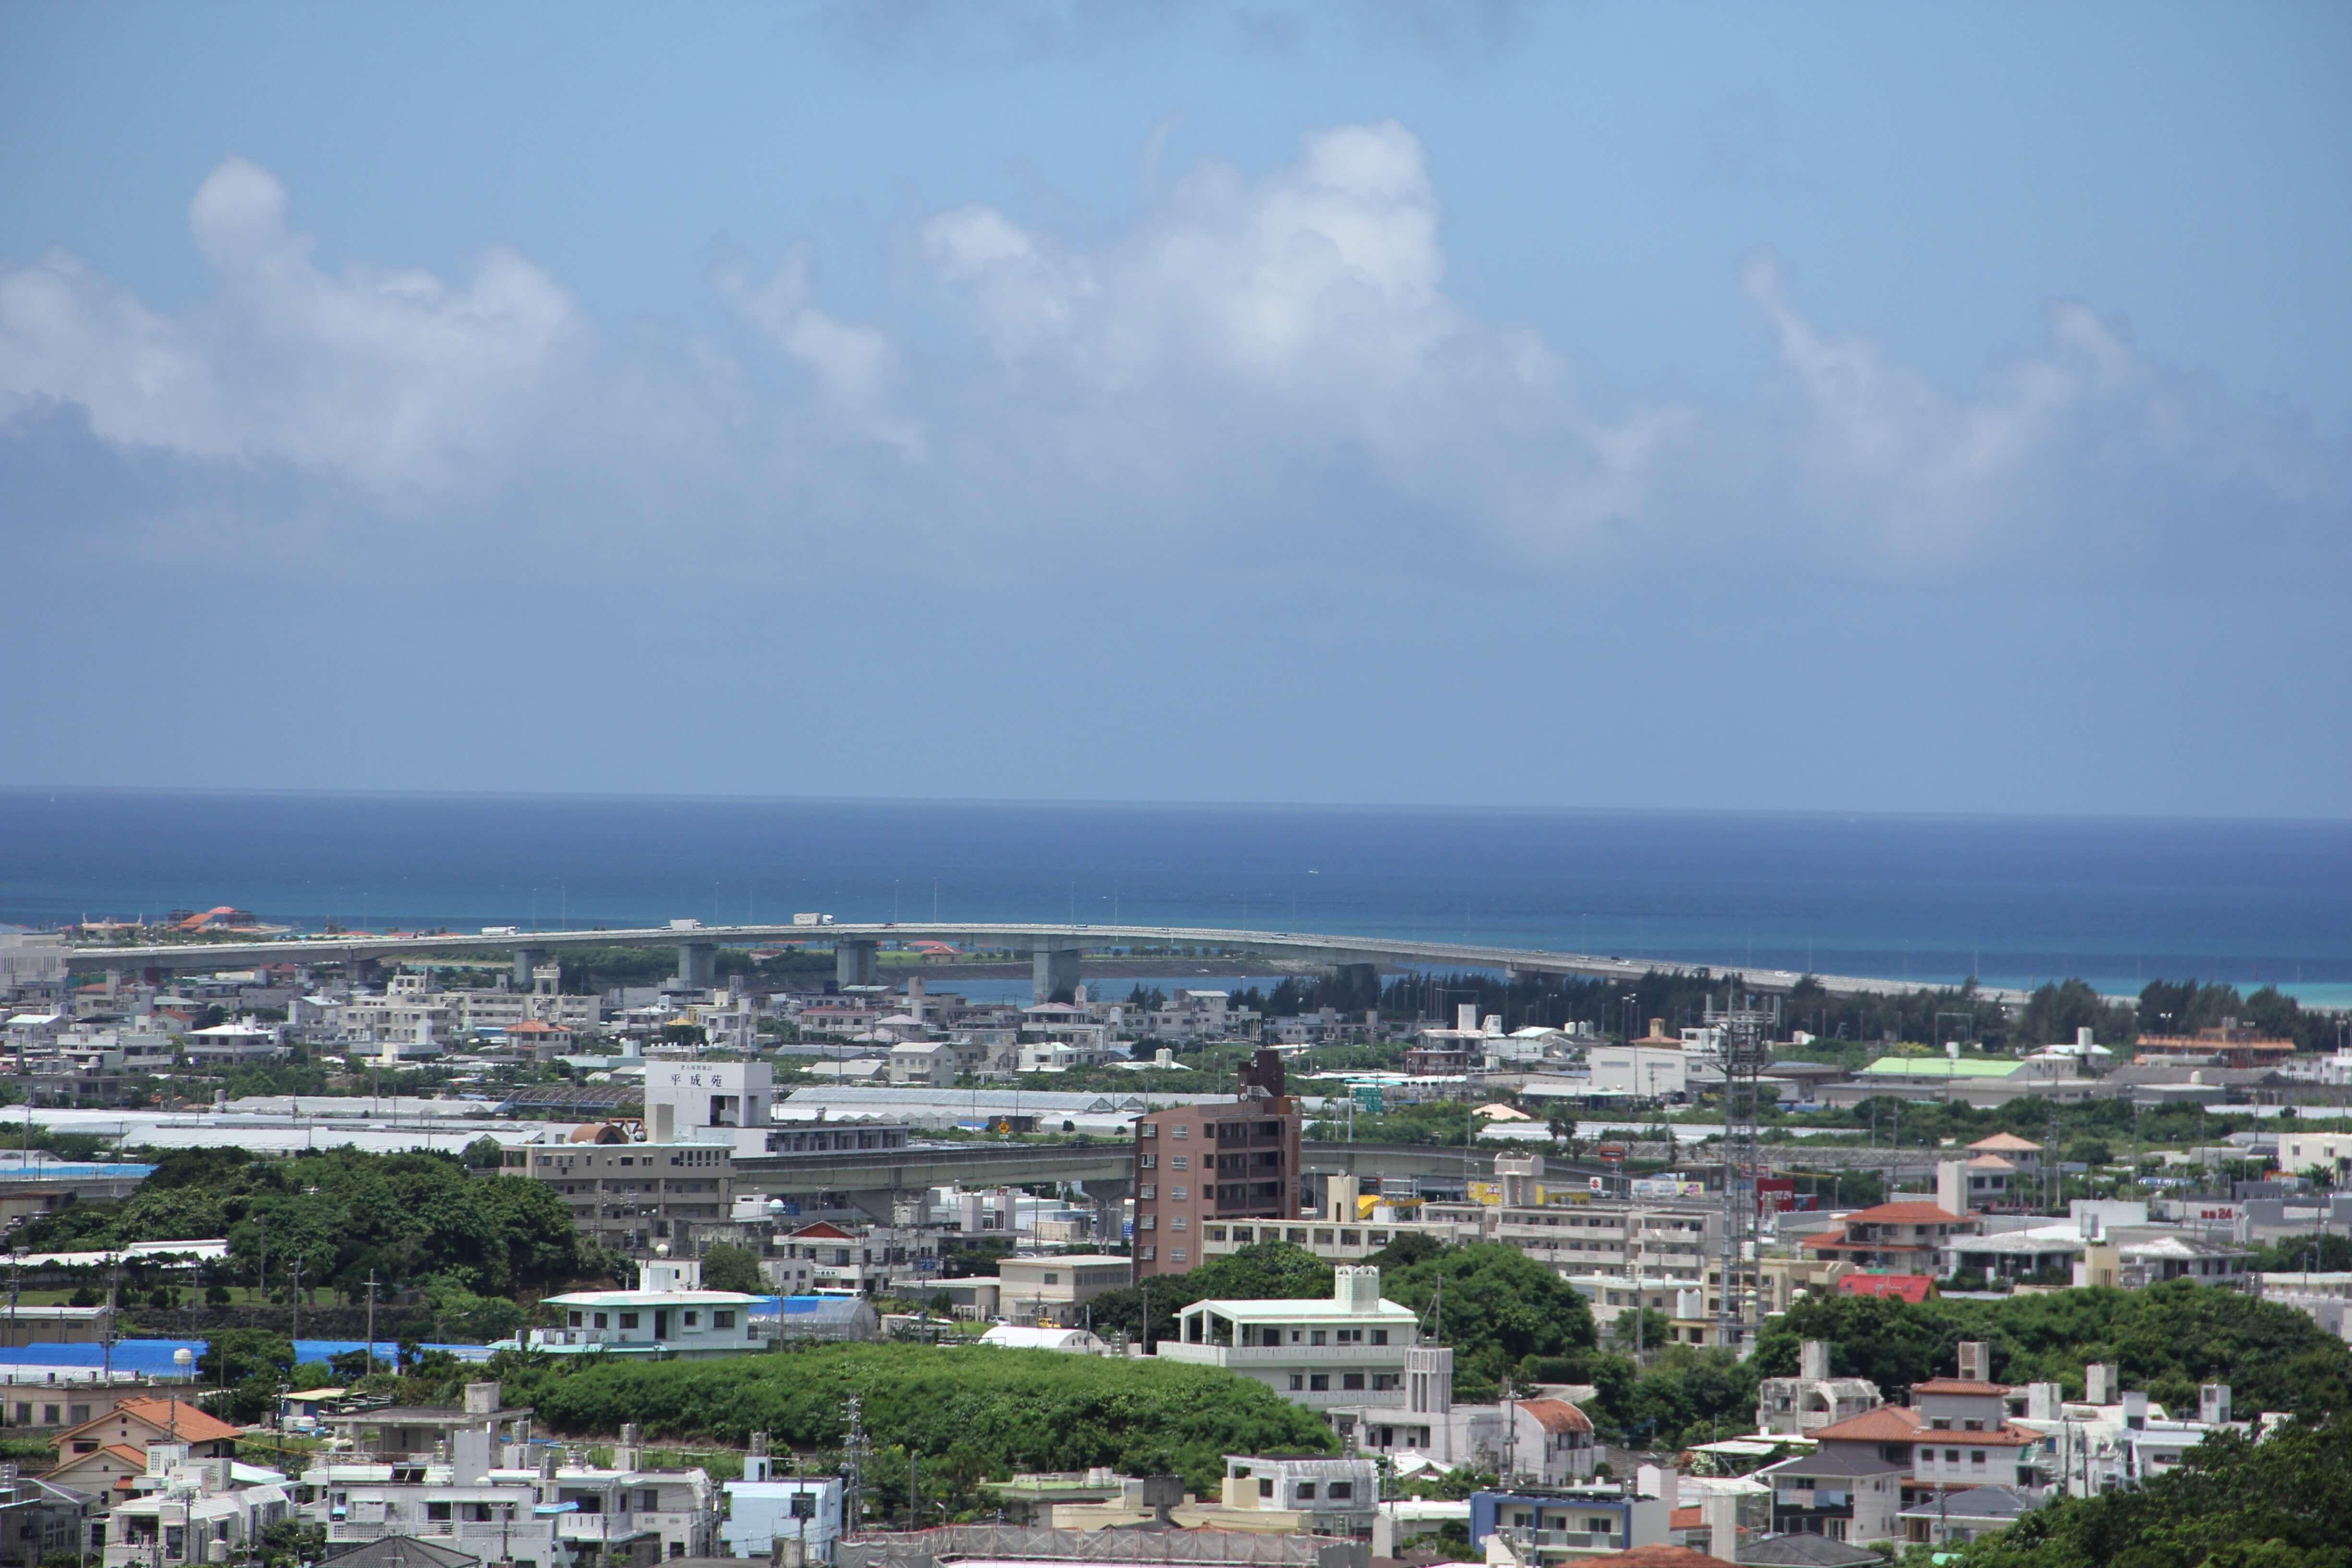 旧海軍司令部壕から見える景色